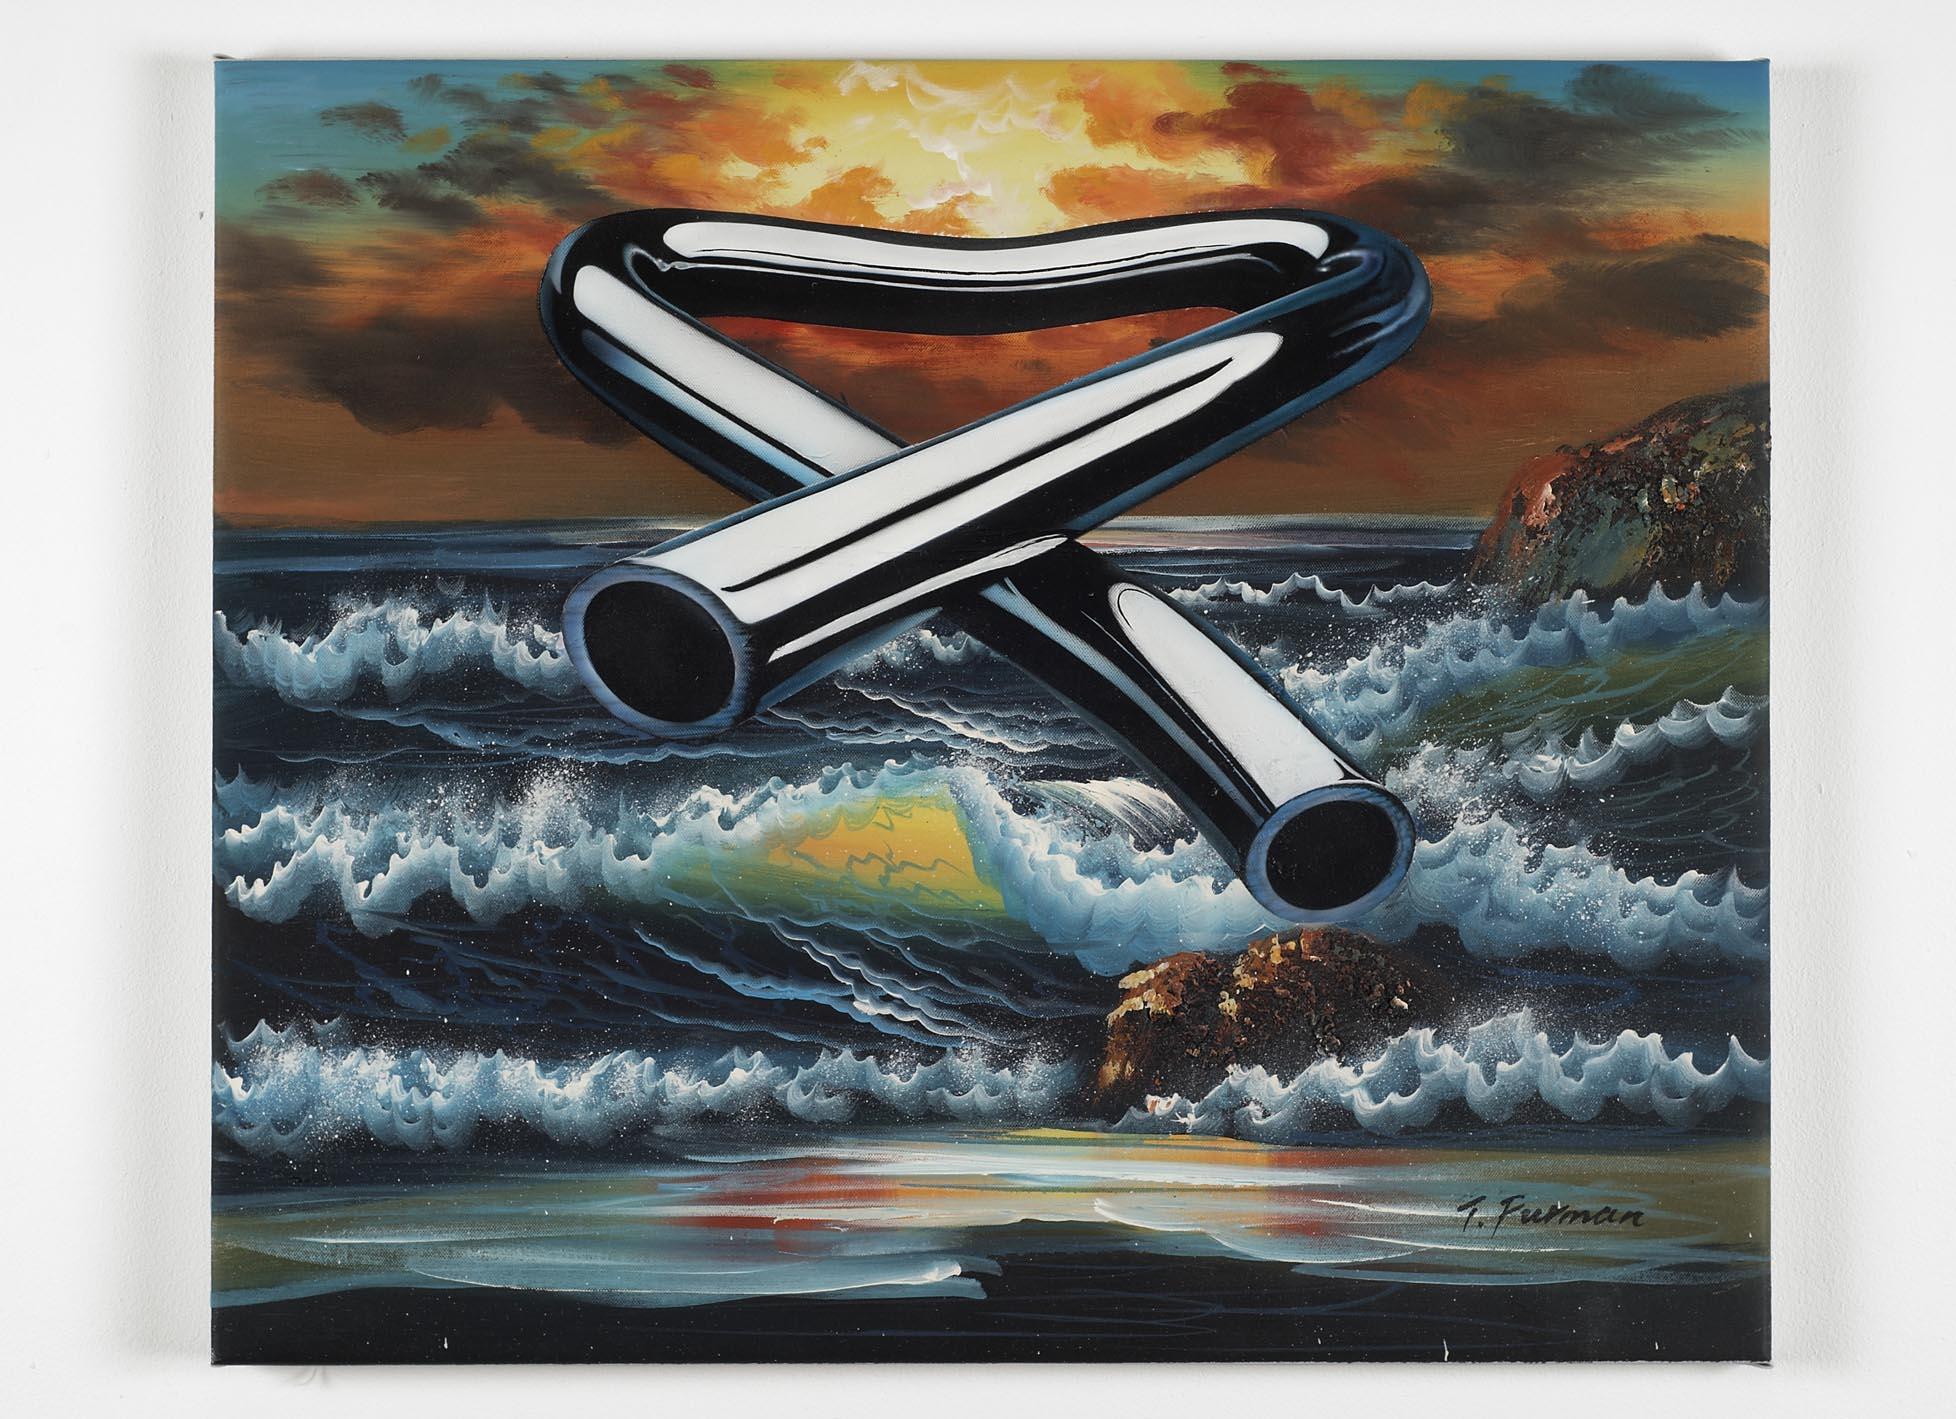 Tubular Bells 2 2008 oil and acrylic on canvas 51.8 x 61.8cm